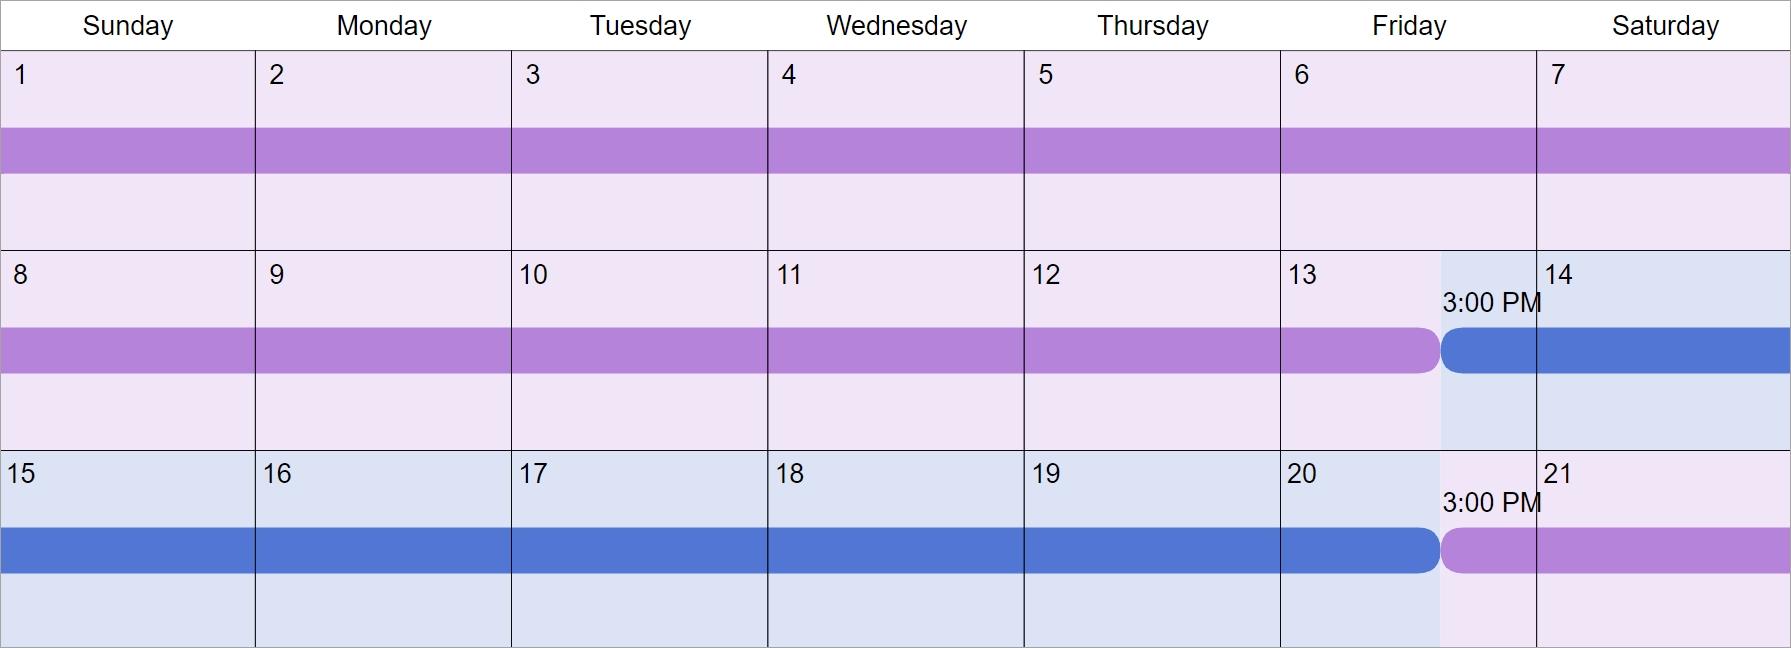 Every 3Rd Week Custody & Visitation Schedule Examples